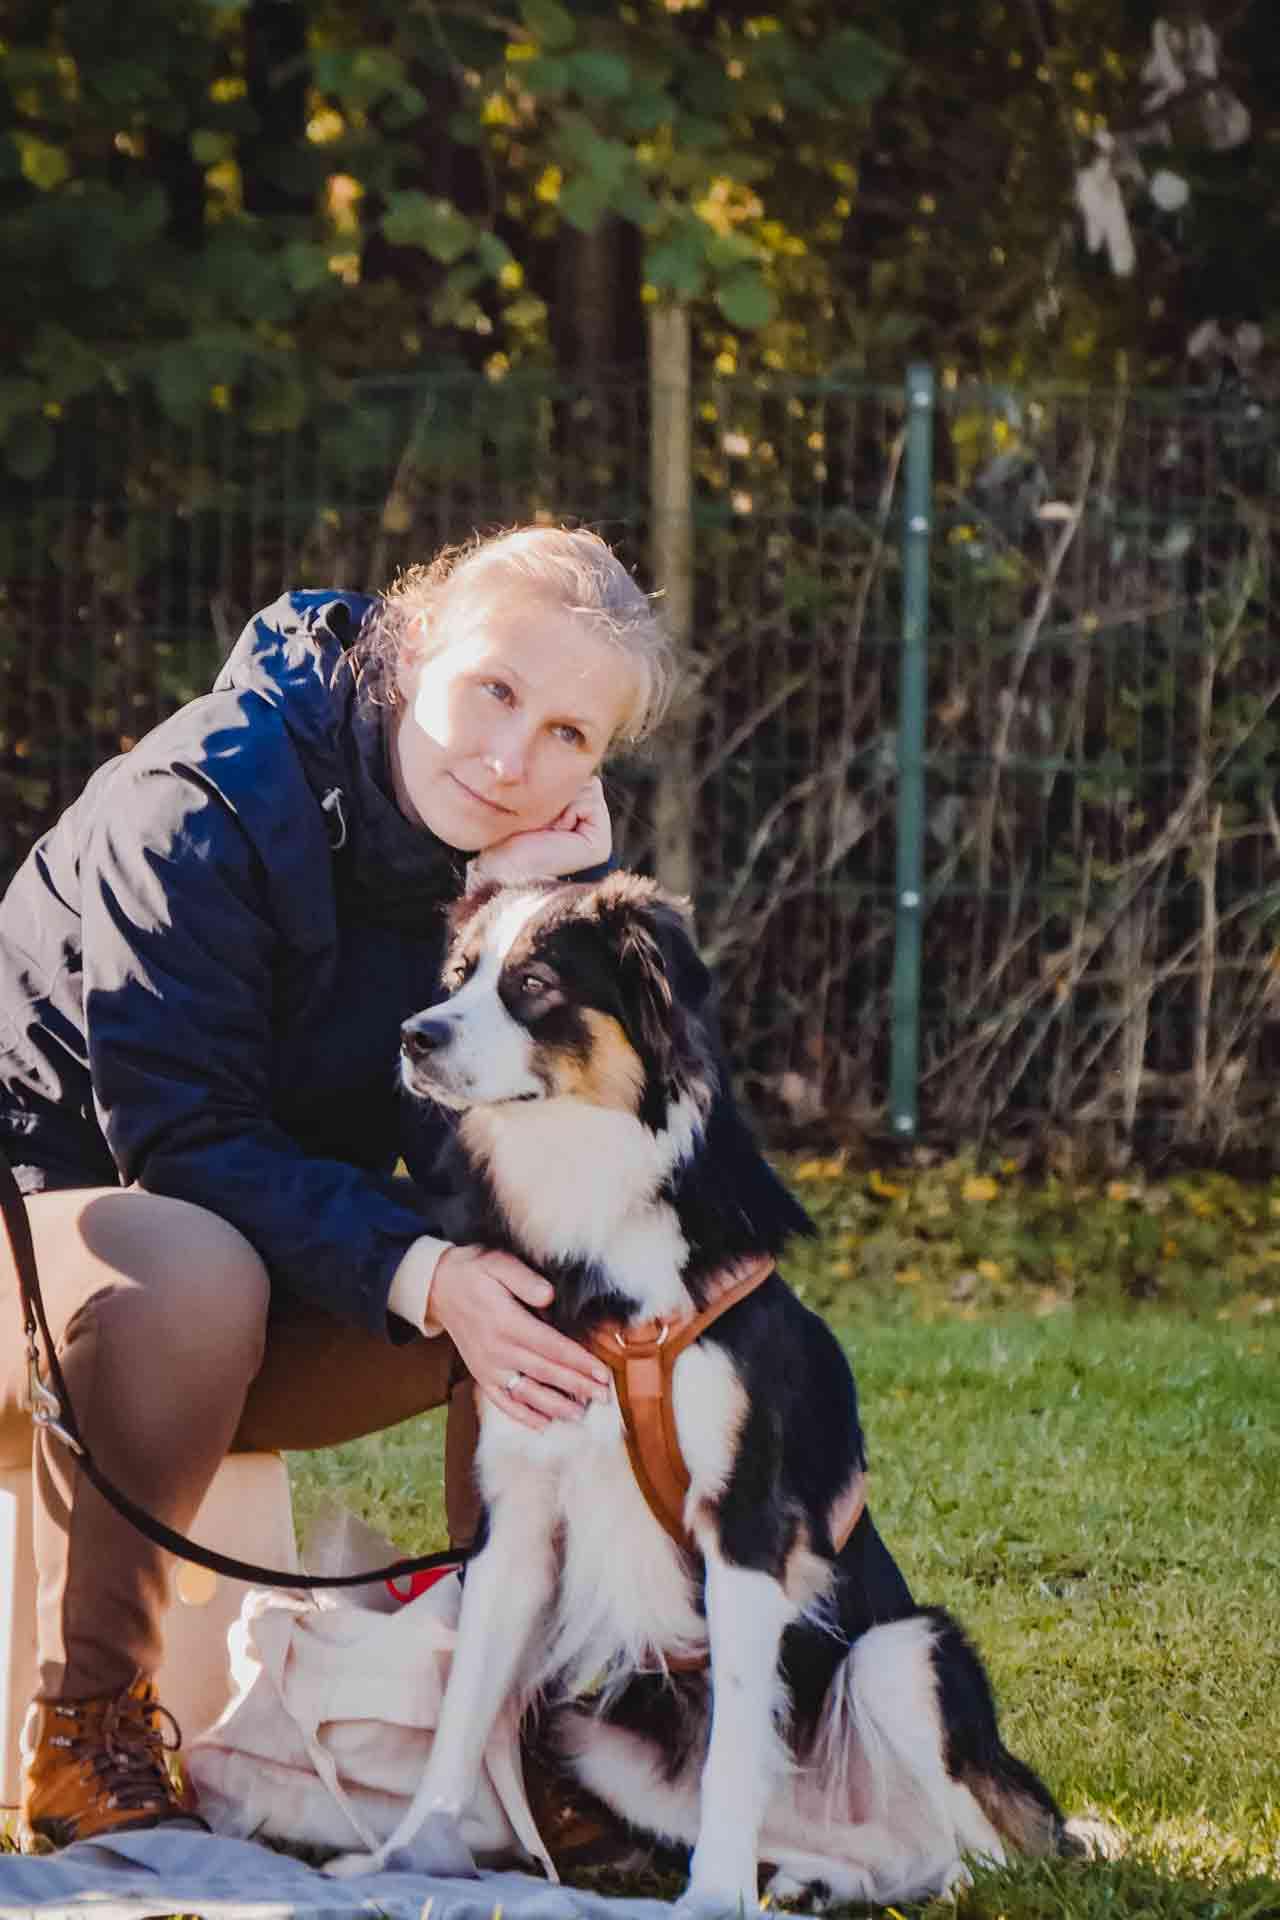 hundpunkt_hundeschule_muenster-ibbenbueren-altbisjung-hundmenschteam